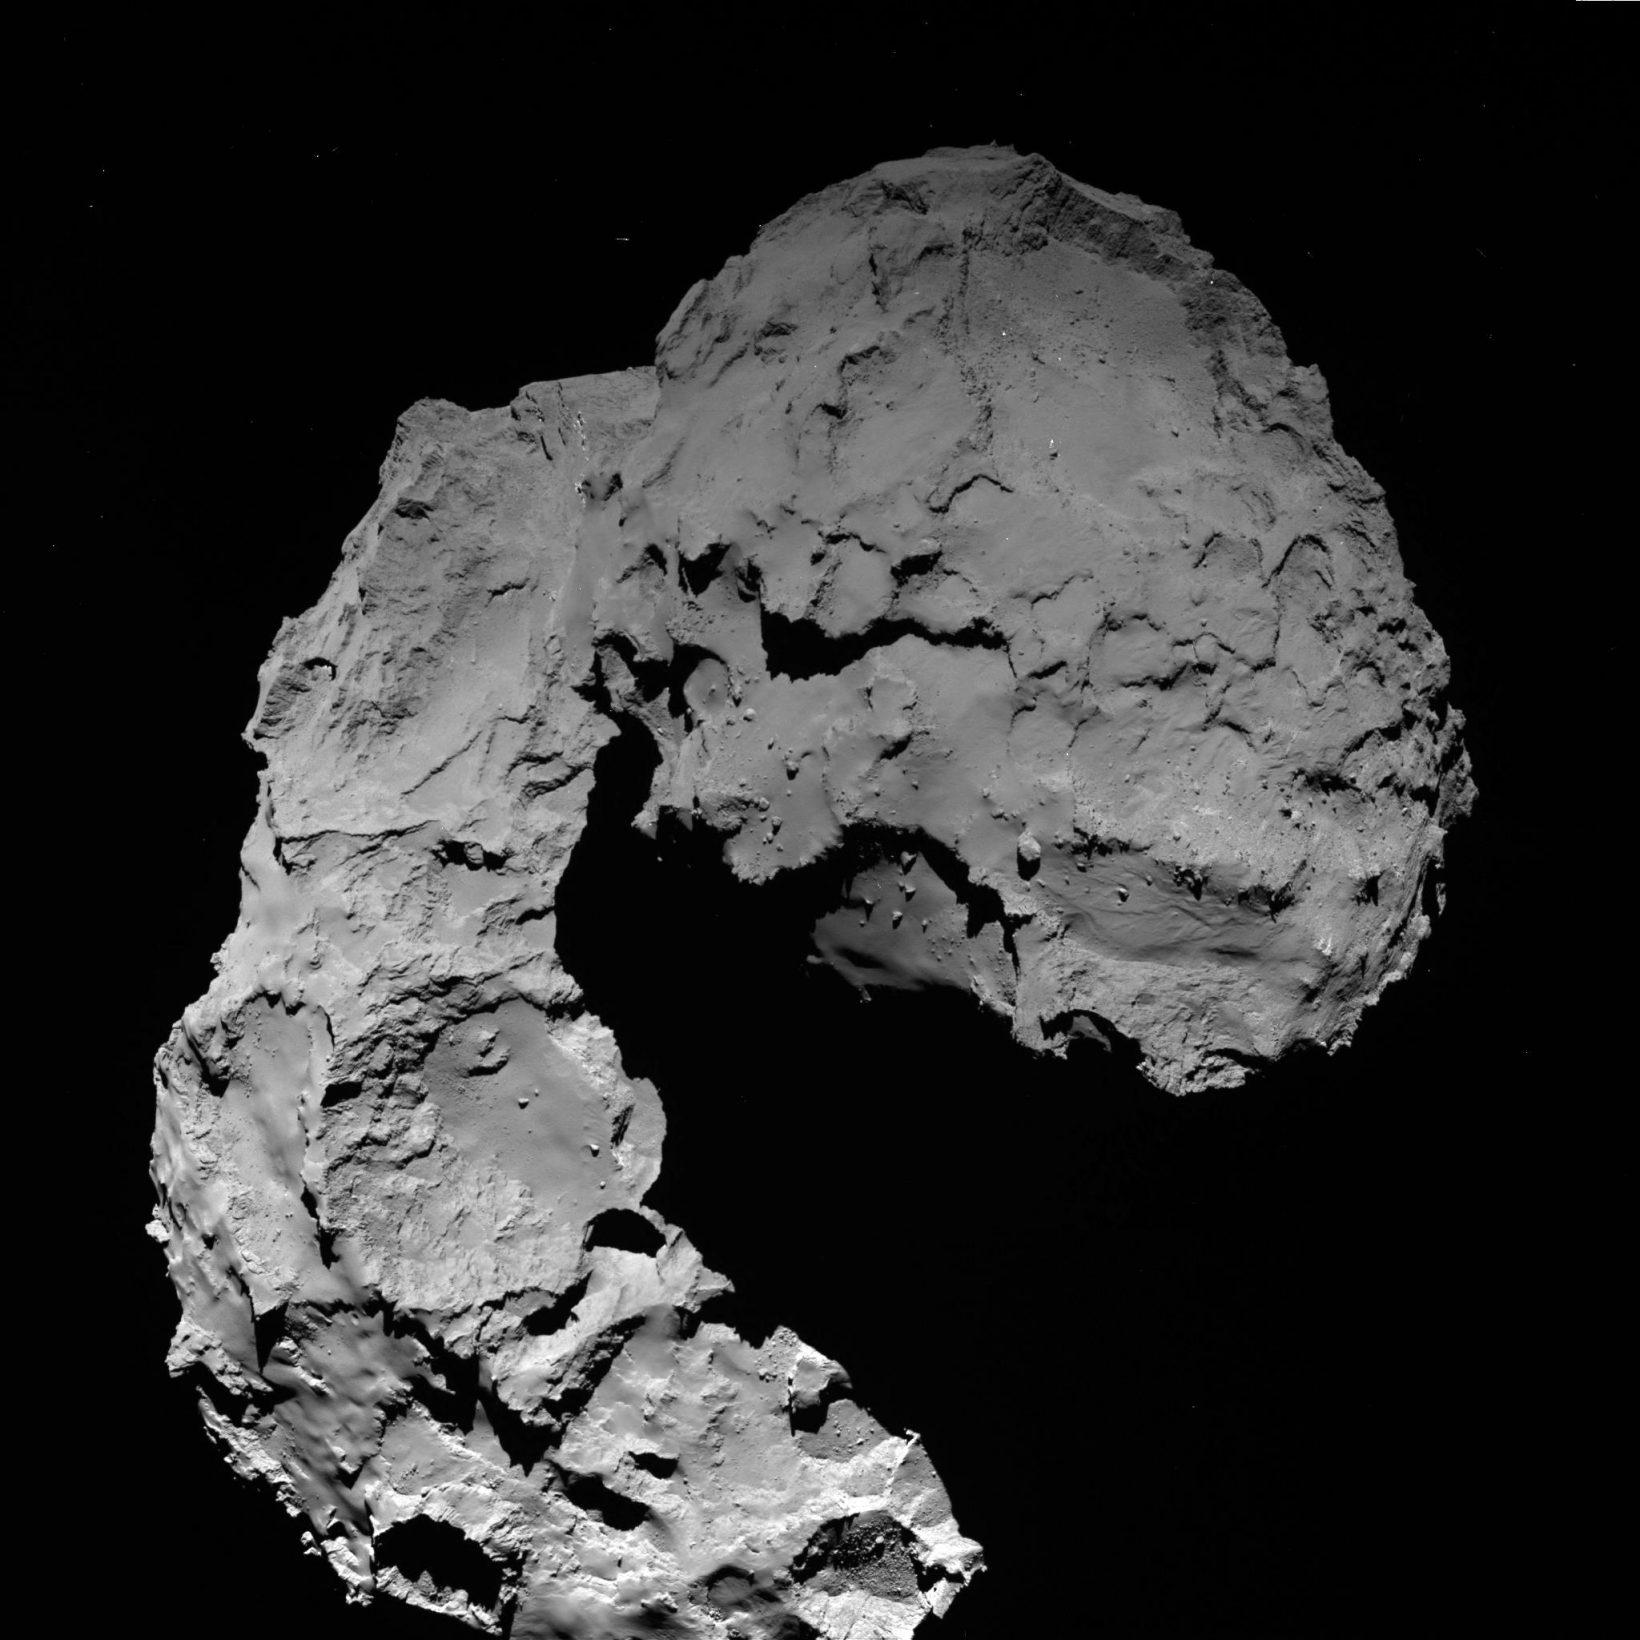 Фото кометы, сделанное «Розеттой» за день до окончания миссии.